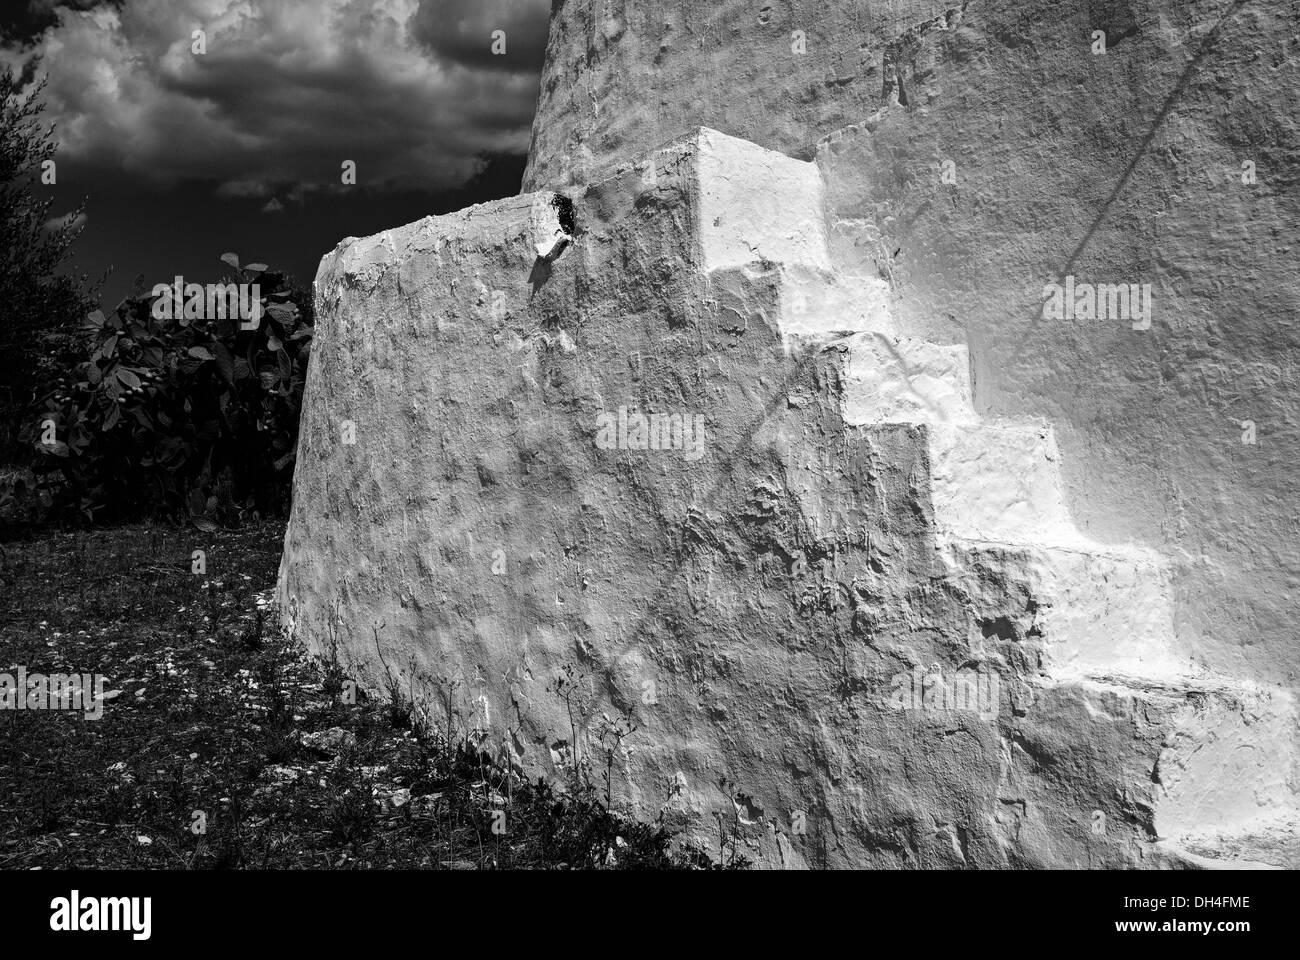 Italia, en la región de Apulia. Pasos de un Trullo, Apulia tradicional cabaña de piedra en seco Imagen De Stock